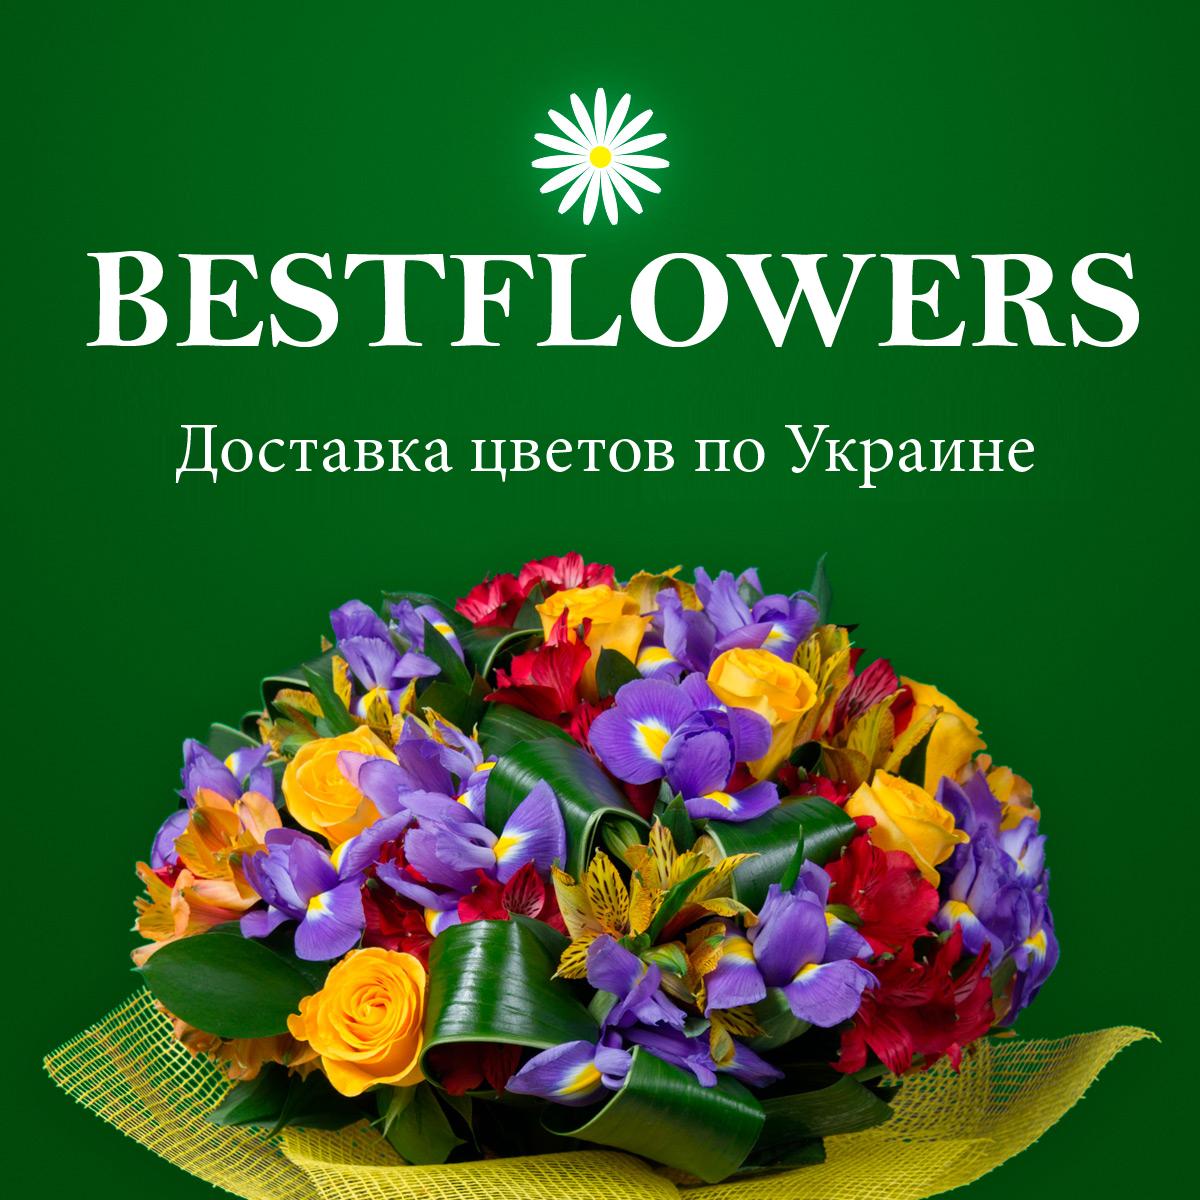 Доставка цветов по украине керчь